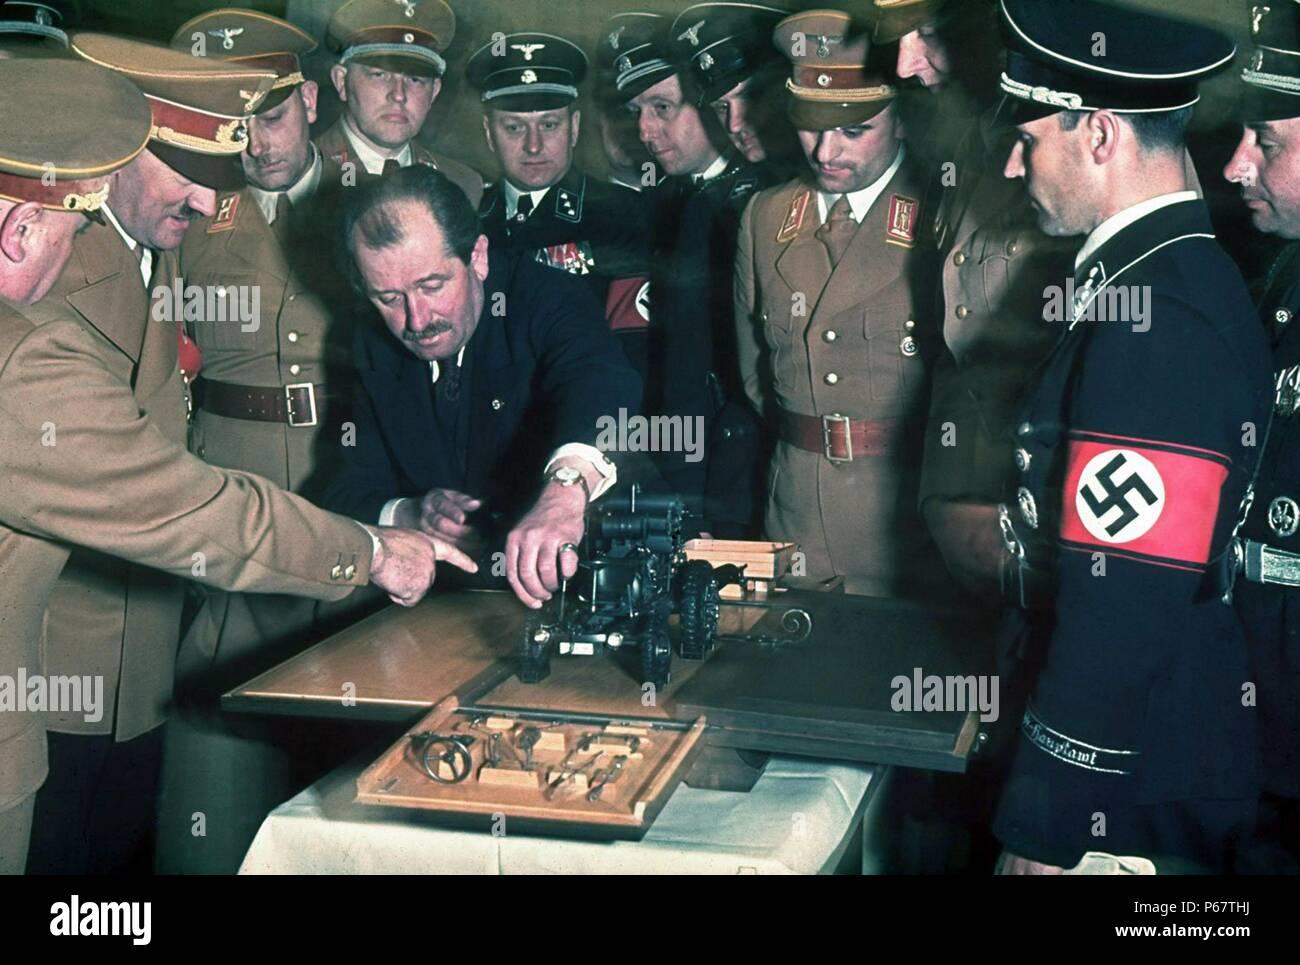 Adolf Hitler Colour Stock Photos & Adolf Hitler Colour Stock